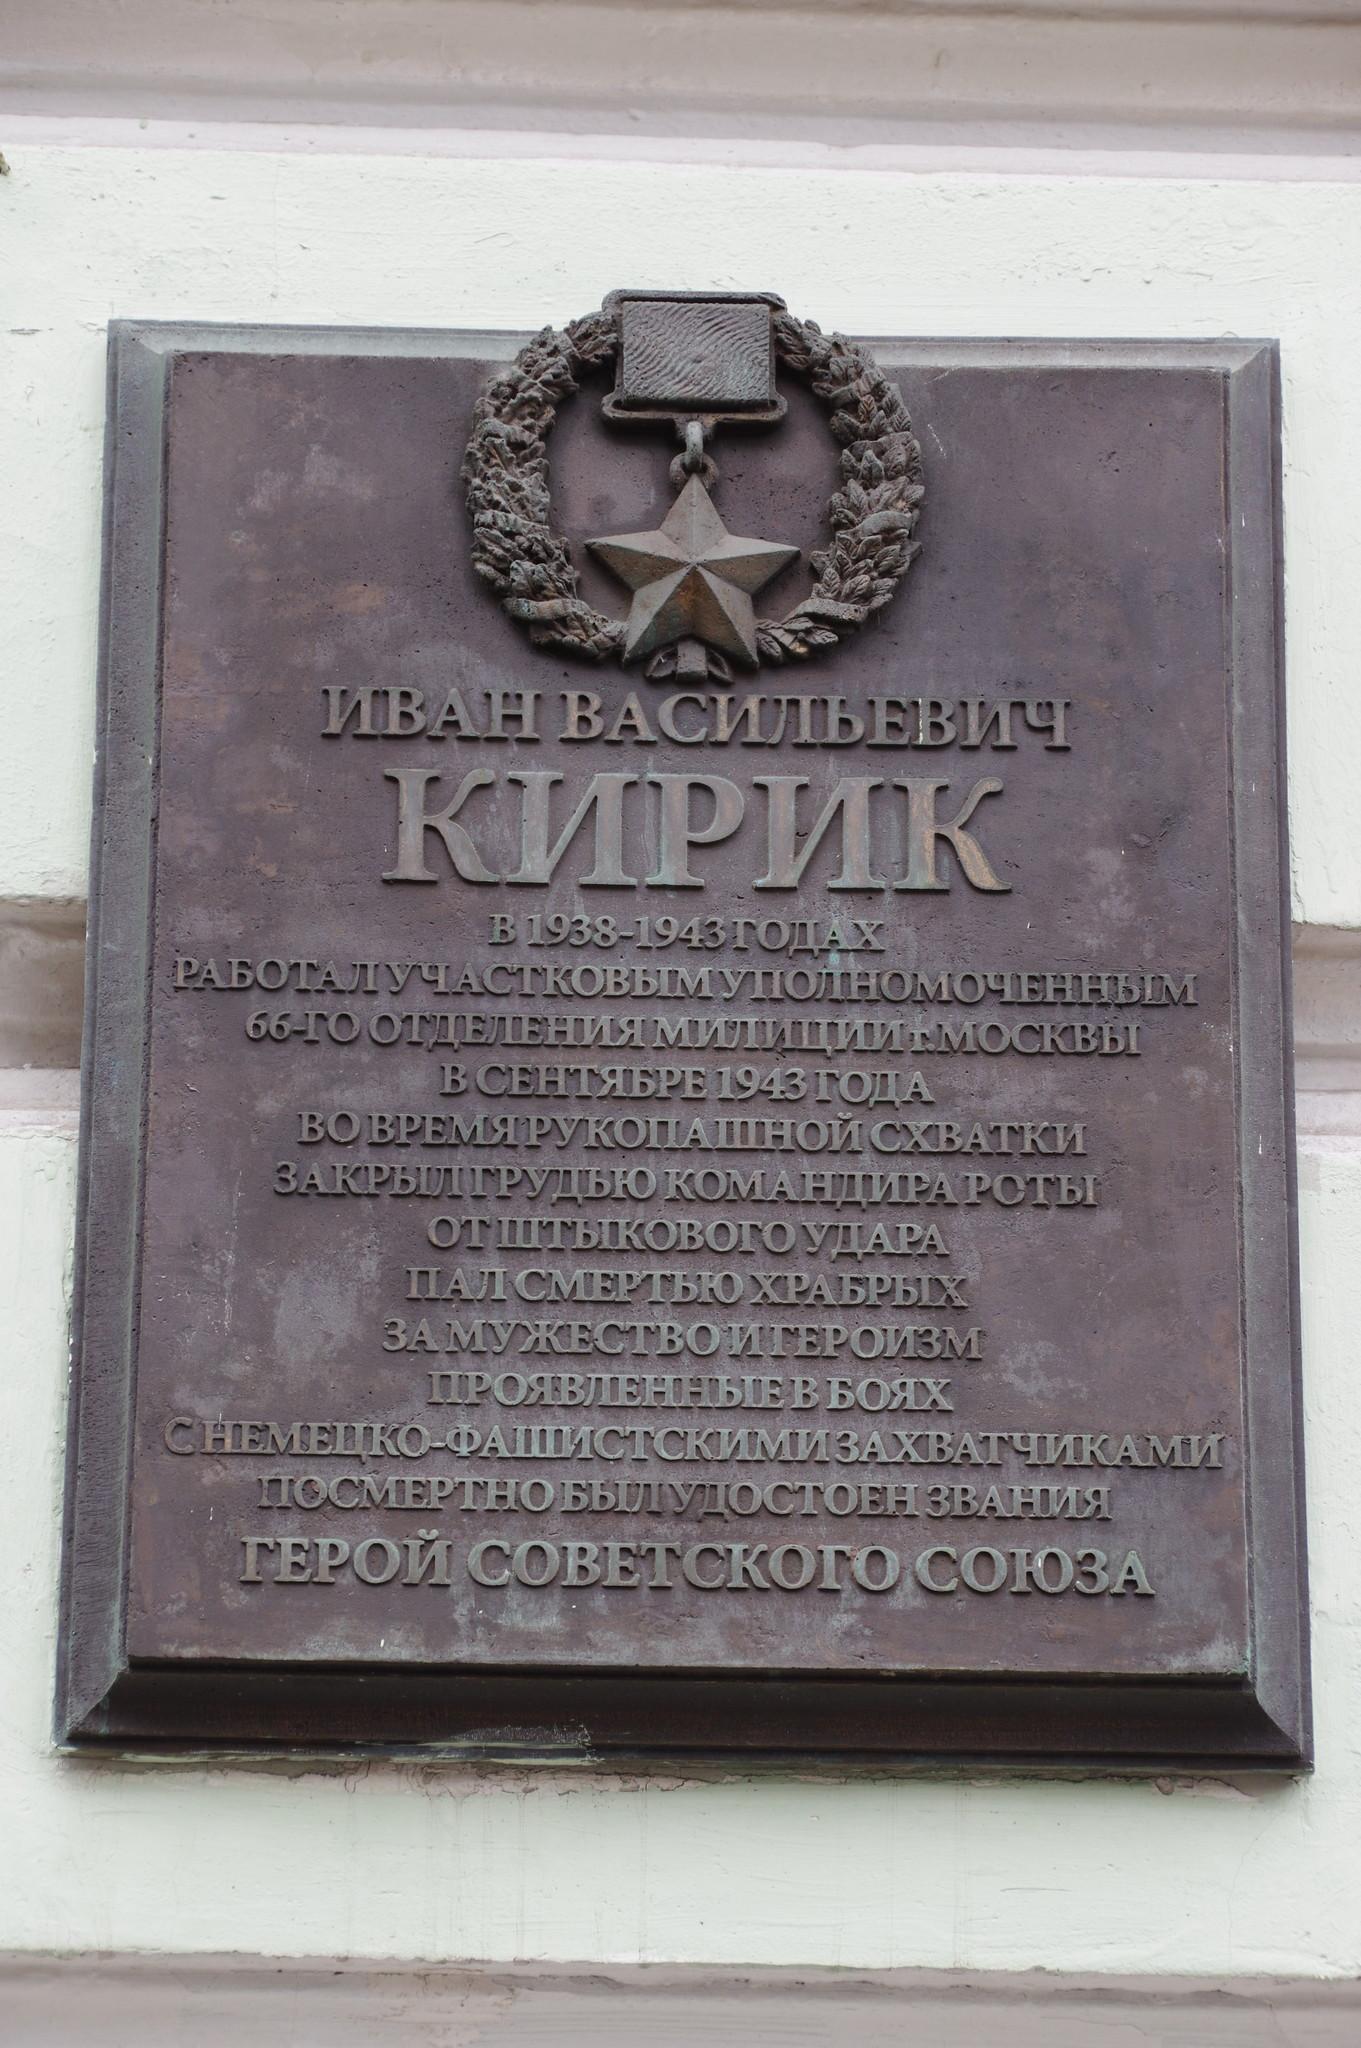 Мемориальная доска Герою Советского Союза Ивану Васильевичу Кирику открыта 13 ноября 2013 года на здании ОМВД по Басманному району г. Москвы (Новая Басманная улица, 33)